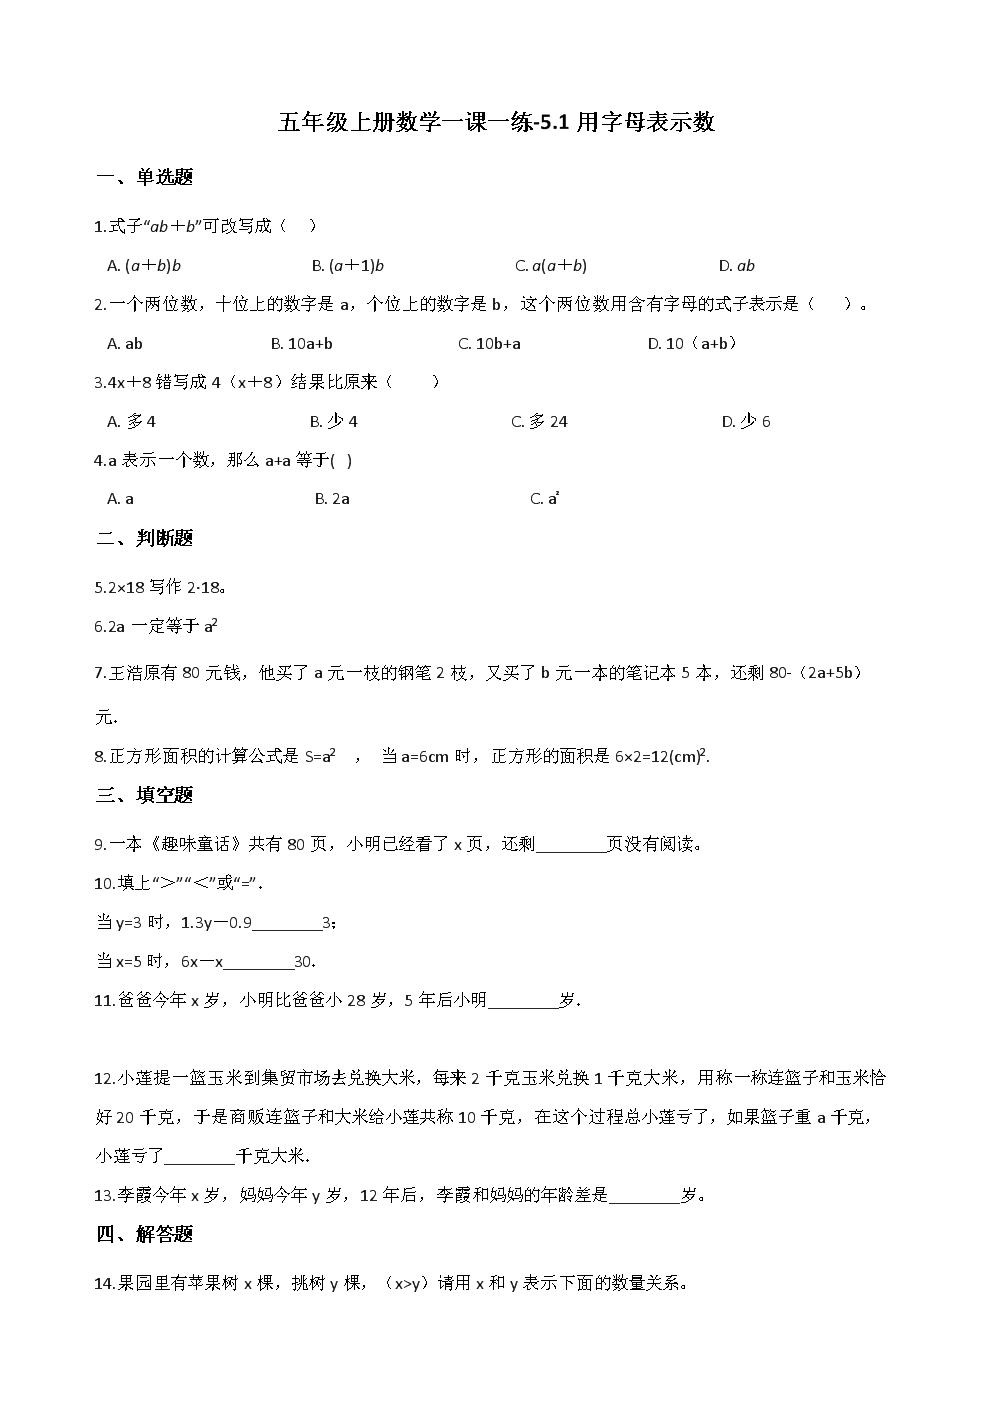 五年级上册数学一课一练用字母表示数北京版含答案.docx